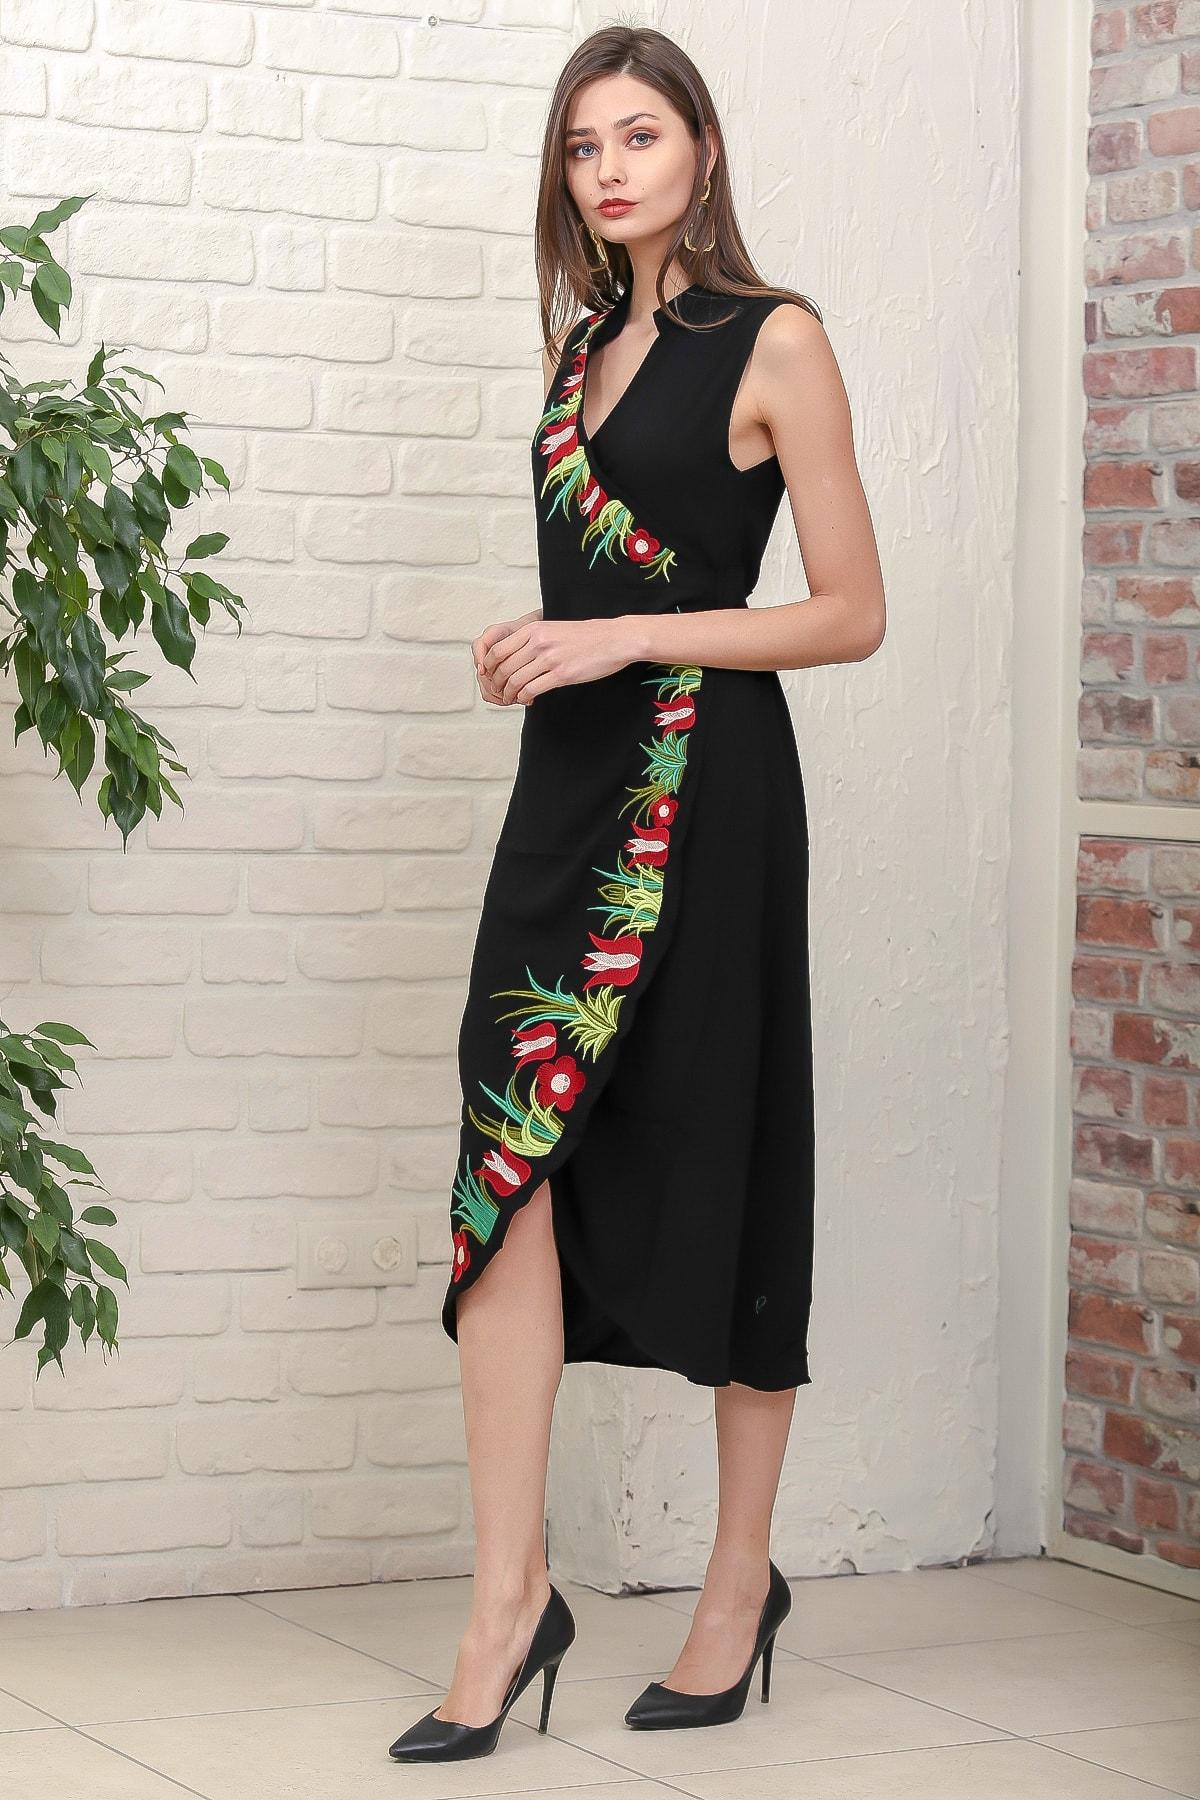 Chiccy Kadın Siyah Kruvaze Lale Nakışlı Ayaklı Yakalı Anvelop Kuşaklı Dokuma Elbise M10160000EL95887 2